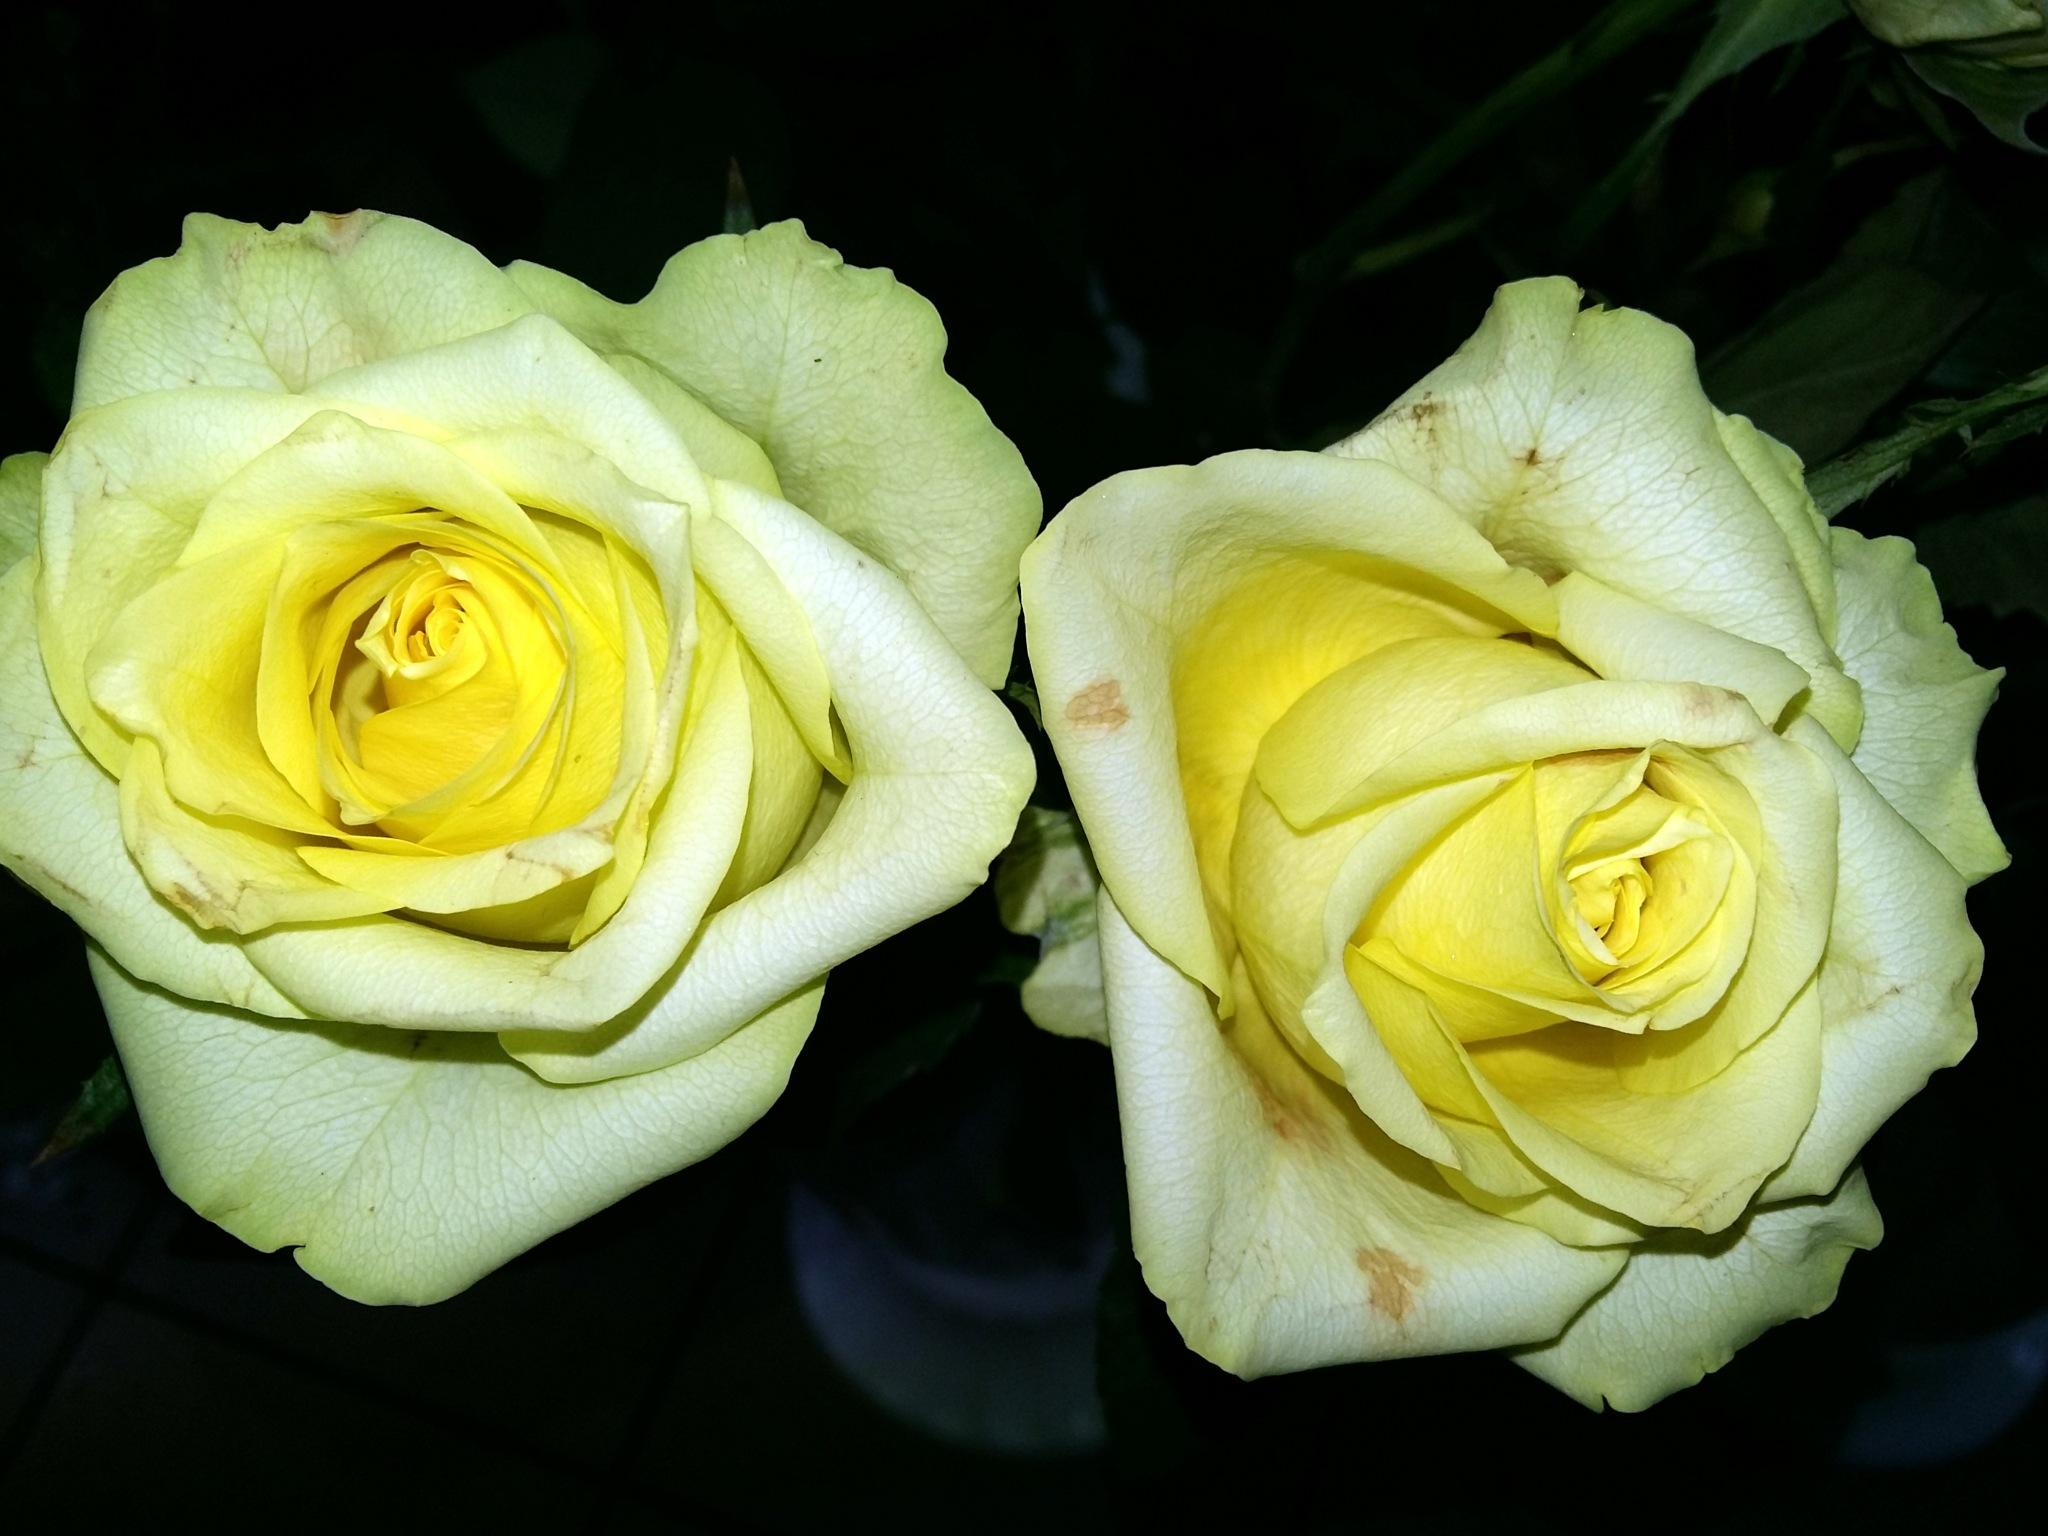 Two roses by uzkuraitiene62